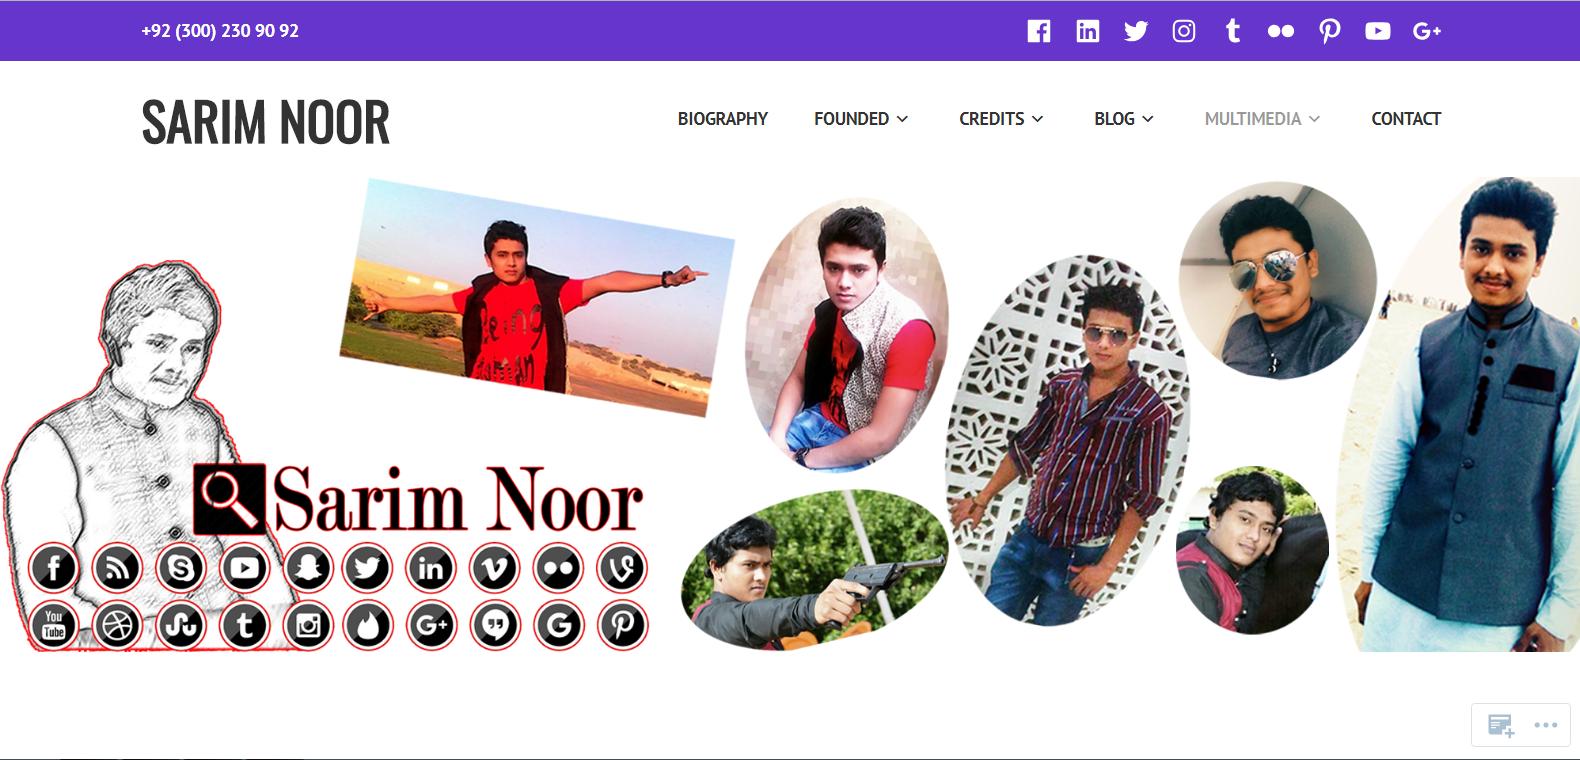 sarim noor website